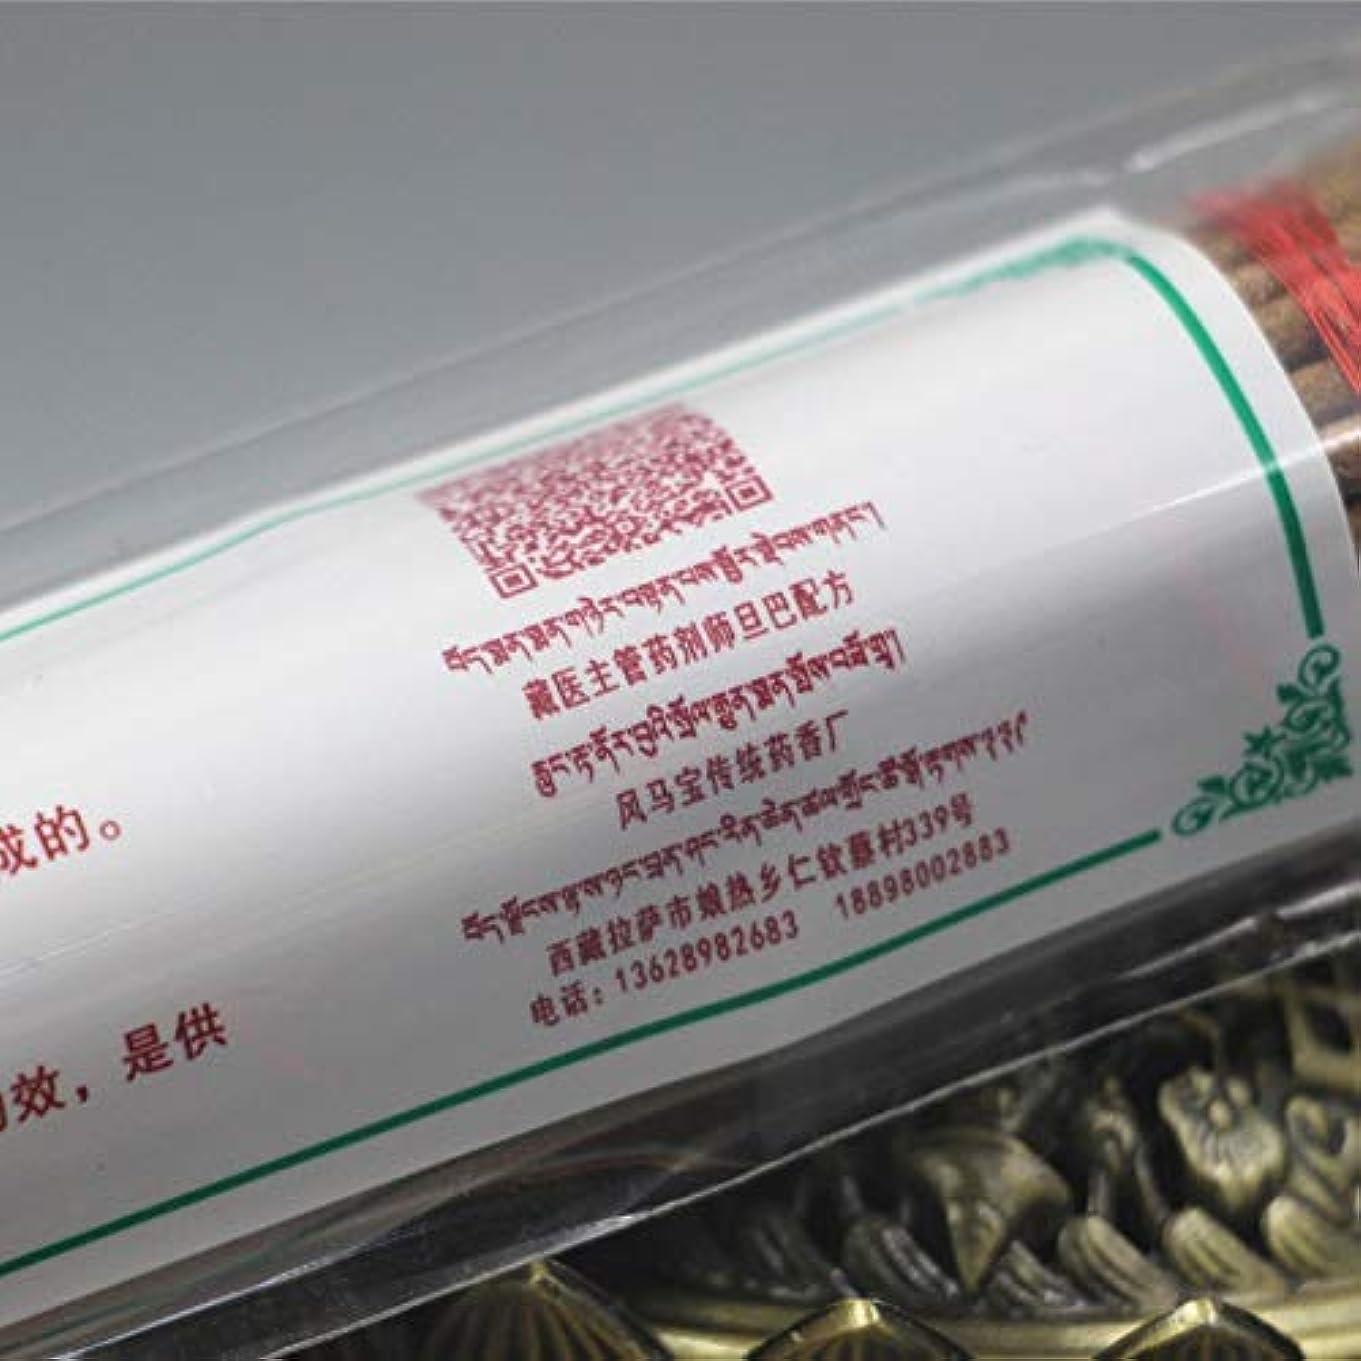 ペットに付ける物理的にDiatems - 沈香の宝物チベットのお香チベット手作りの純粋な植物自然医学の香りの家の38人のフレーバーがスリープアロマ香の助けを落ち着かせます